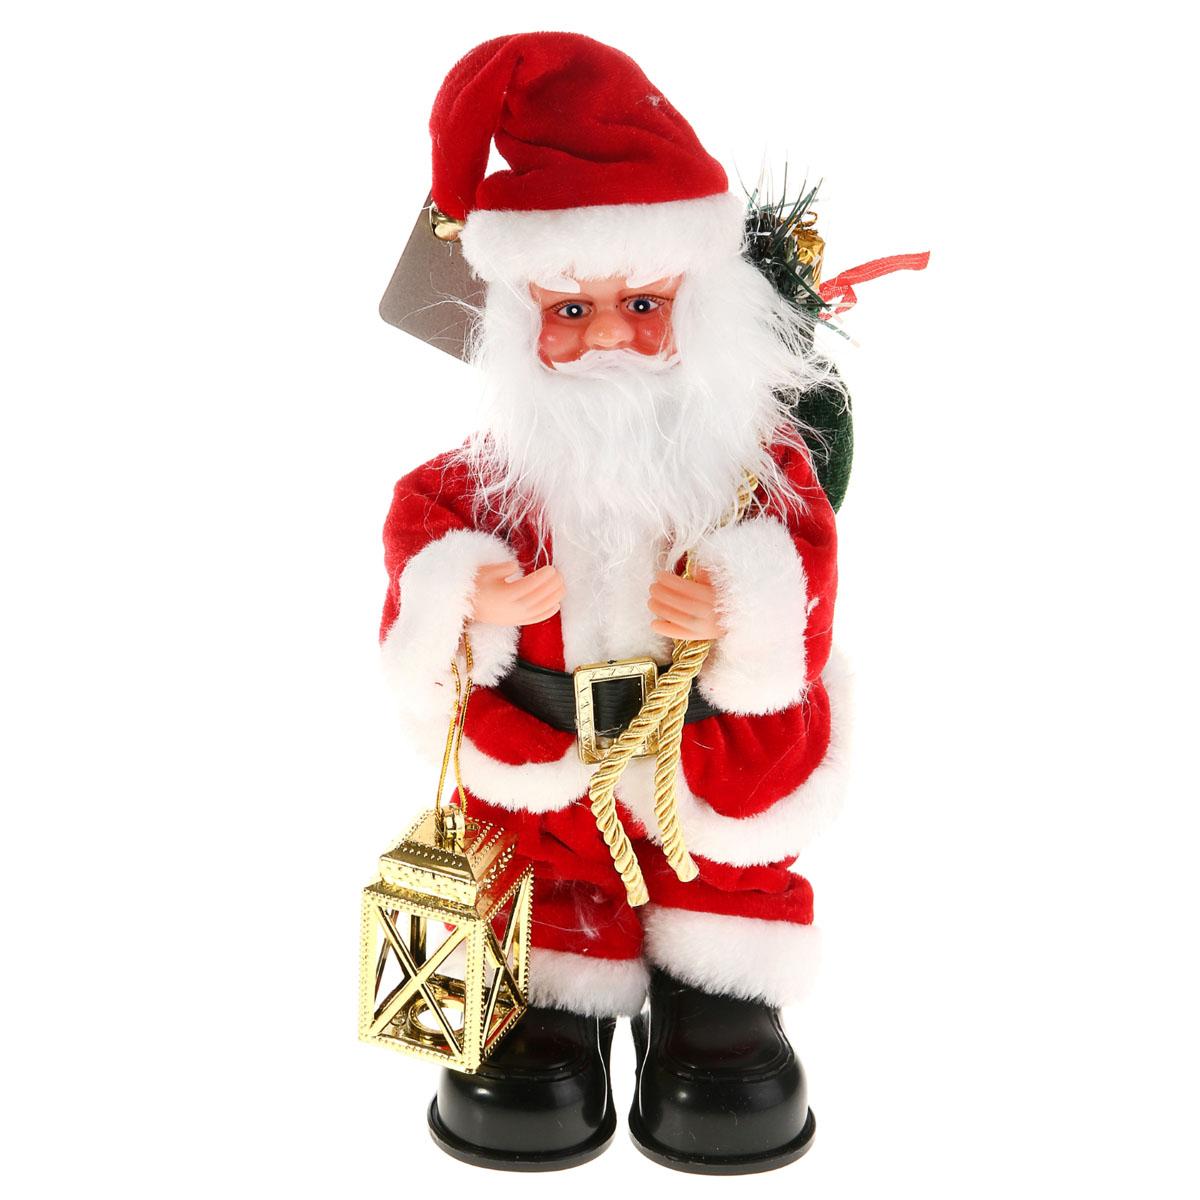 Новогодняя декоративная фигурка Sima-land Дед Мороз, анимированная, высота 28 см. 827819827819Новогодняя декоративная фигурка выполнена из высококачественного пластика в виде Деда Мороза. Дед Мороз одет в короткую шубу с опушкой, штаны и пластиковые сапоги. На голове колпак в цвет шубы с бубенцом. В одной руке Дед Мороз держит фонарь, а в другой мешок с подарками. Особенностью фигурки является наличие механизма, при включении которого играет мелодия, а кукла начинает шевелить руками и головой. Его добрый вид и очаровательная улыбка притягивают к себе восторженные взгляды. Декоративная фигурка Дед Мороз подойдет для оформления новогоднего интерьера и принесет с собой атмосферу радости и веселья. УВАЖАЕМЫЕ КЛИЕНТЫ!Обращаем ваше внимание на тот факт, что декоративная фигурка работает от двух батареек типа АА/R6/UM-3 напряжением 1,5V. Батарейки в комплект не входят.